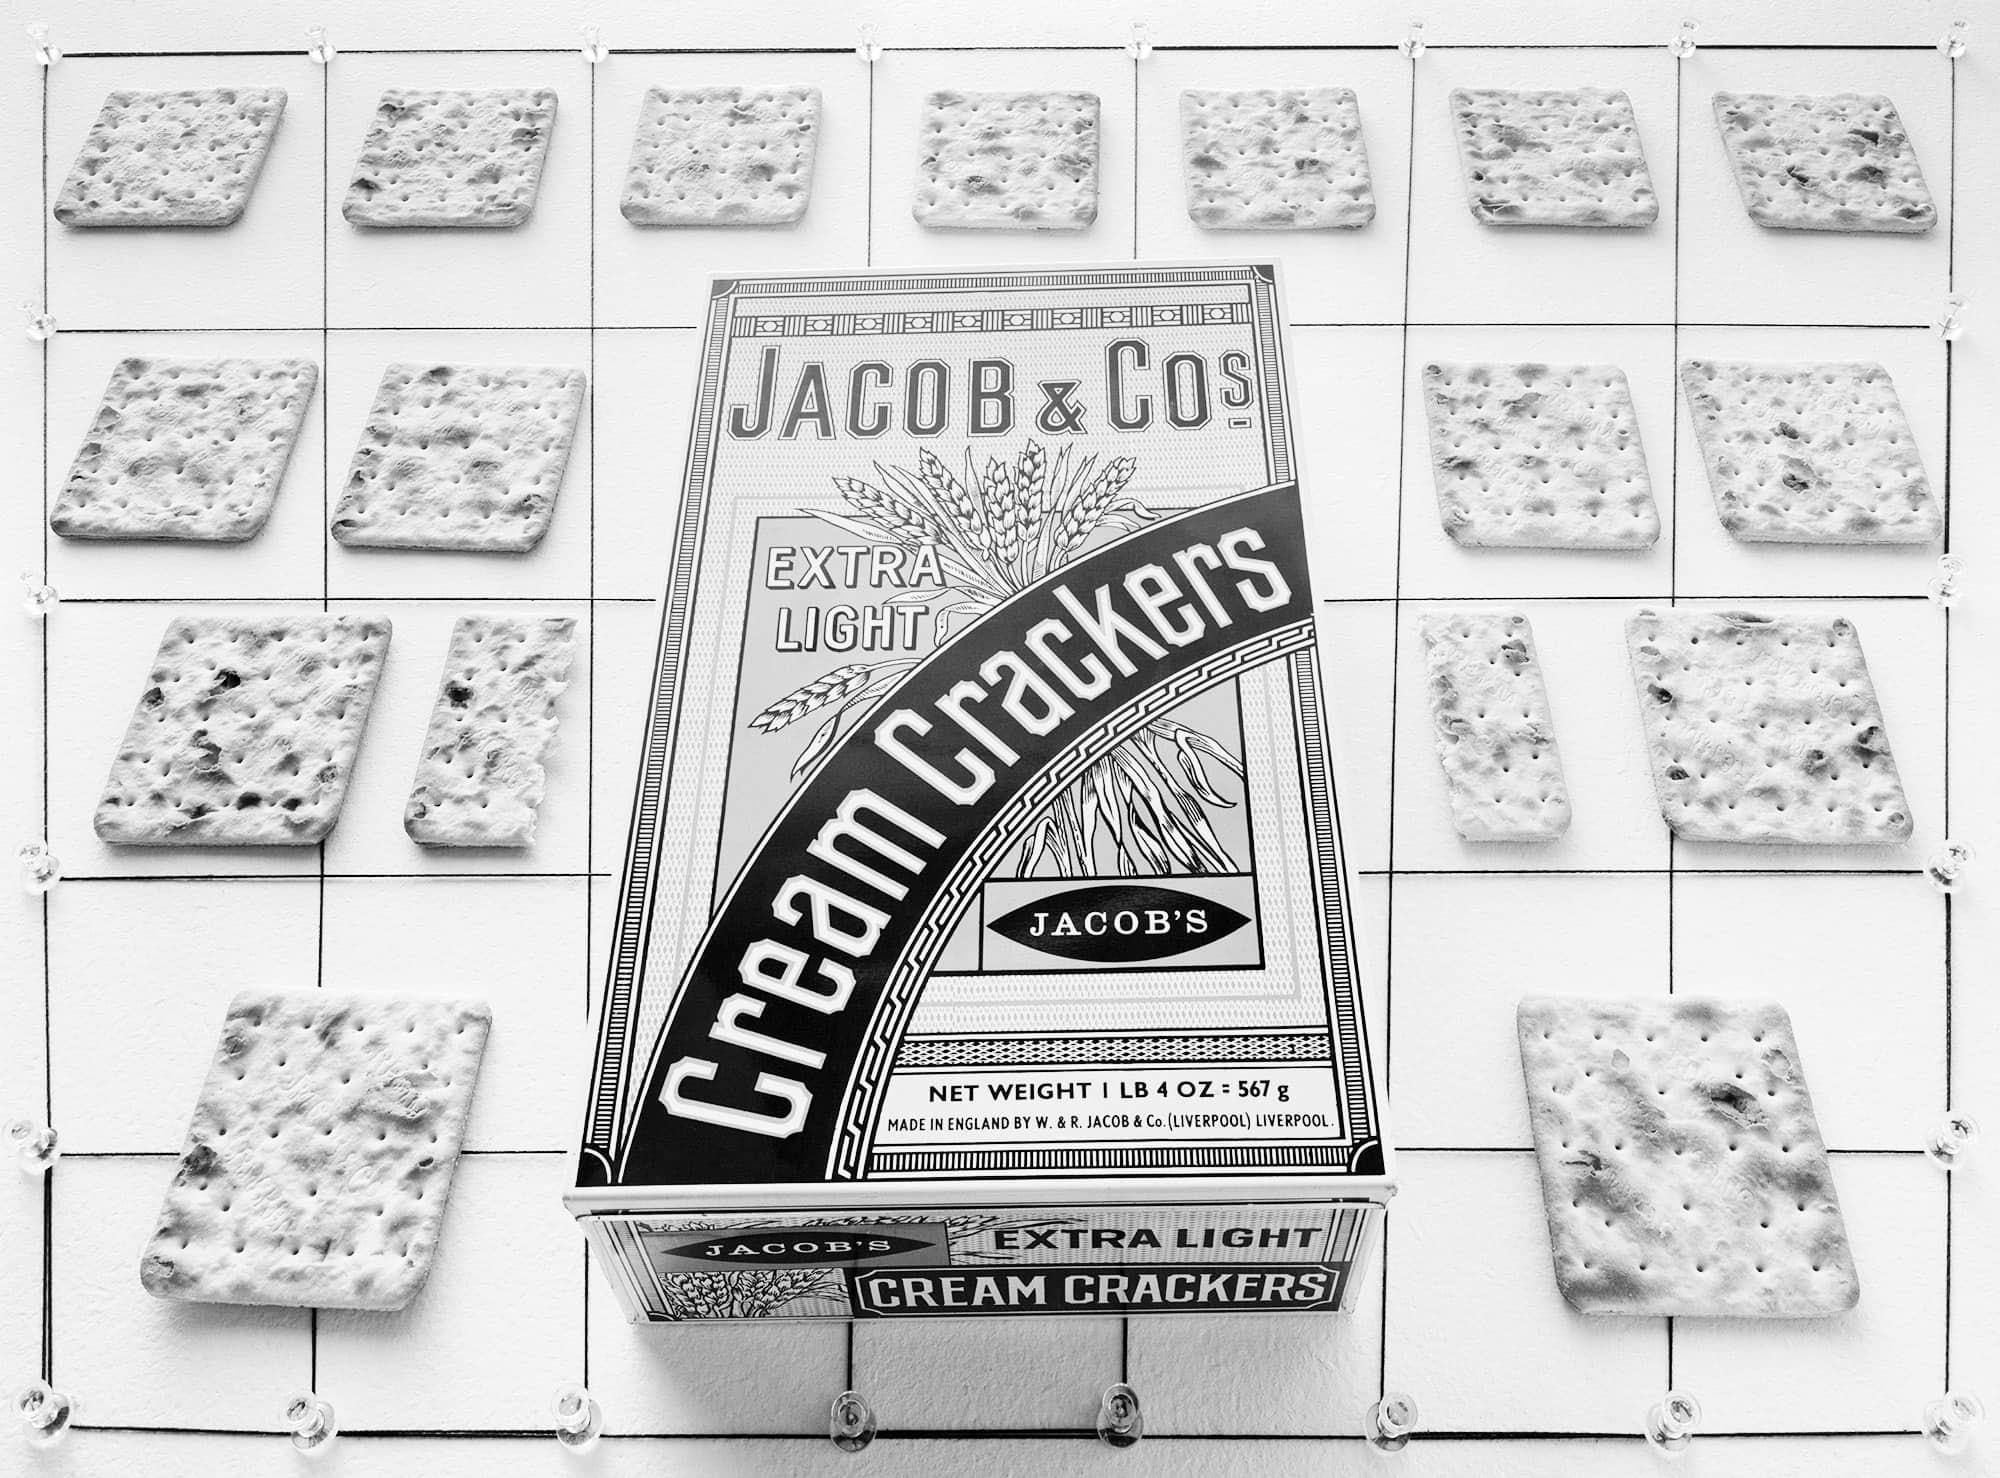 Jacob Cream Crackers, 1977